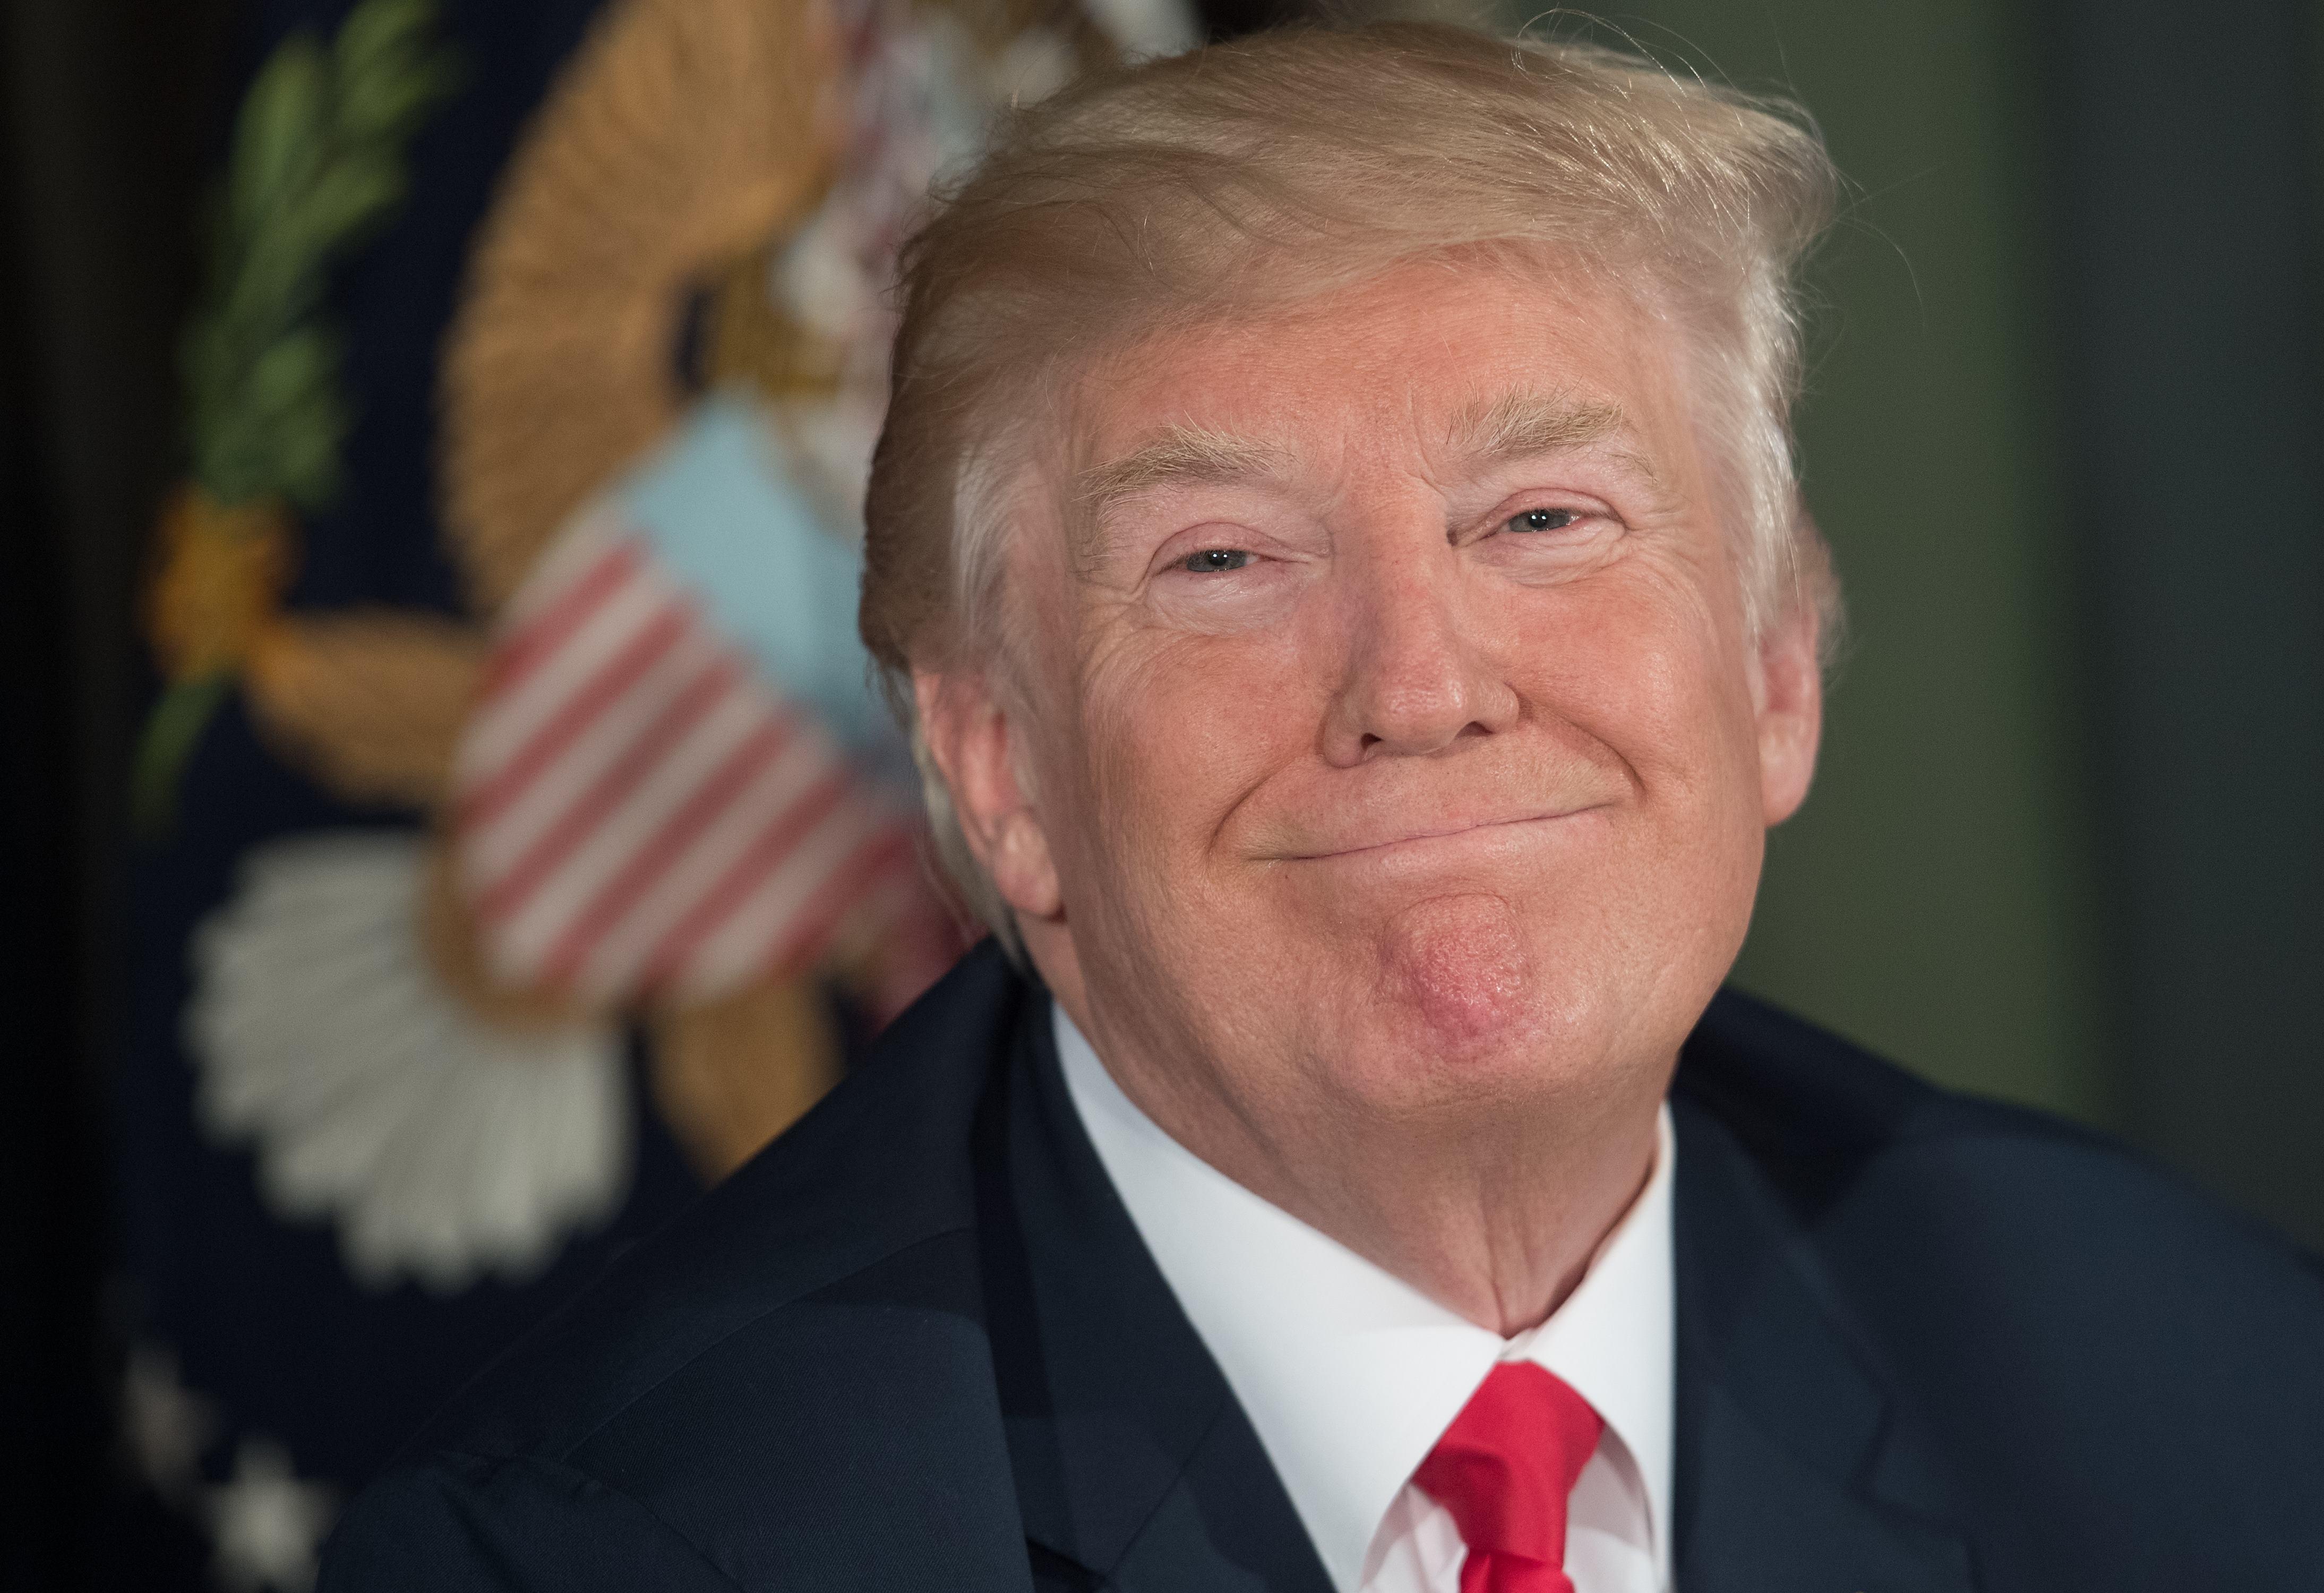 El místico afirma haber predicho la presidencia de Donald Trump en 2015